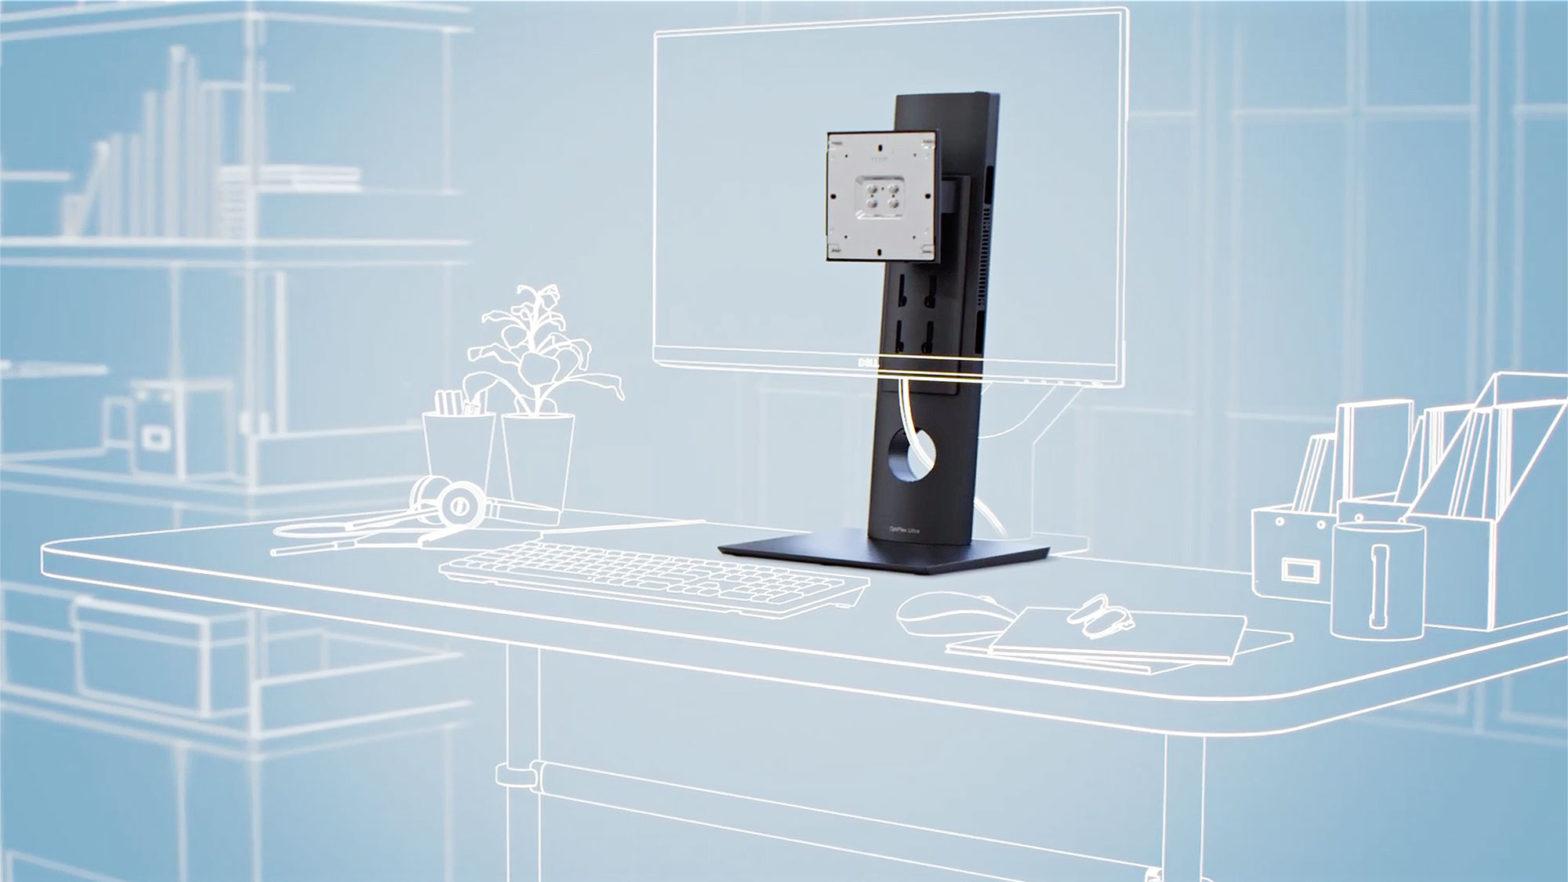 DELL OptiPlex 7070 Ultra PC